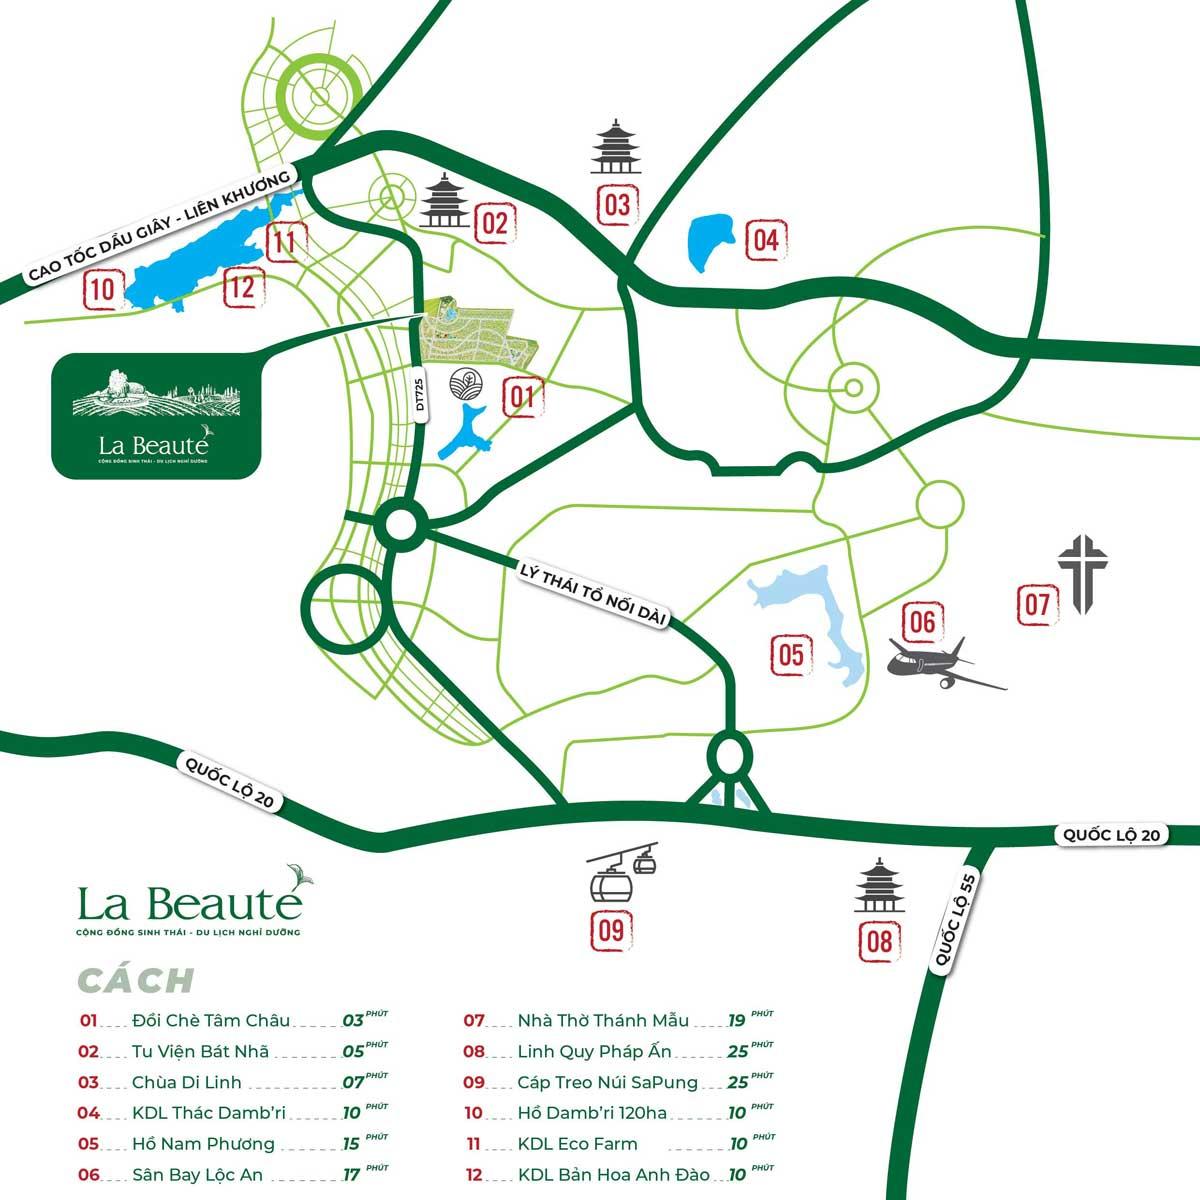 Vị trí Cộng đồng sinh thái Du lịch Nghỉ dưỡng La Beauté Bảo Lộc - LA BEAUTE' BẢO LỘC